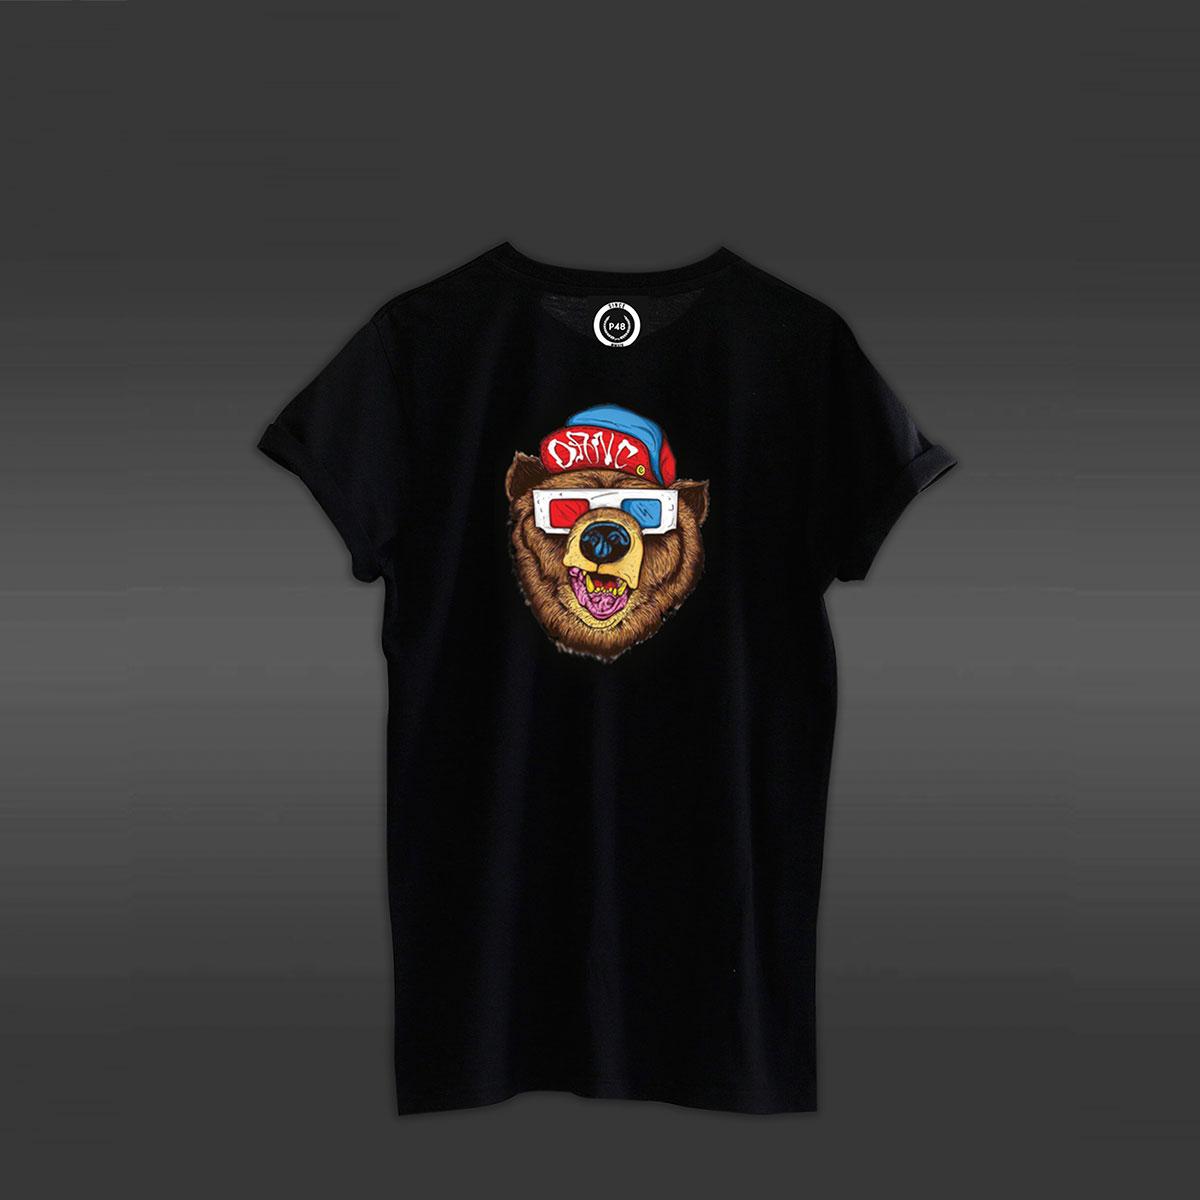 Swag Bear T-shirt - Black